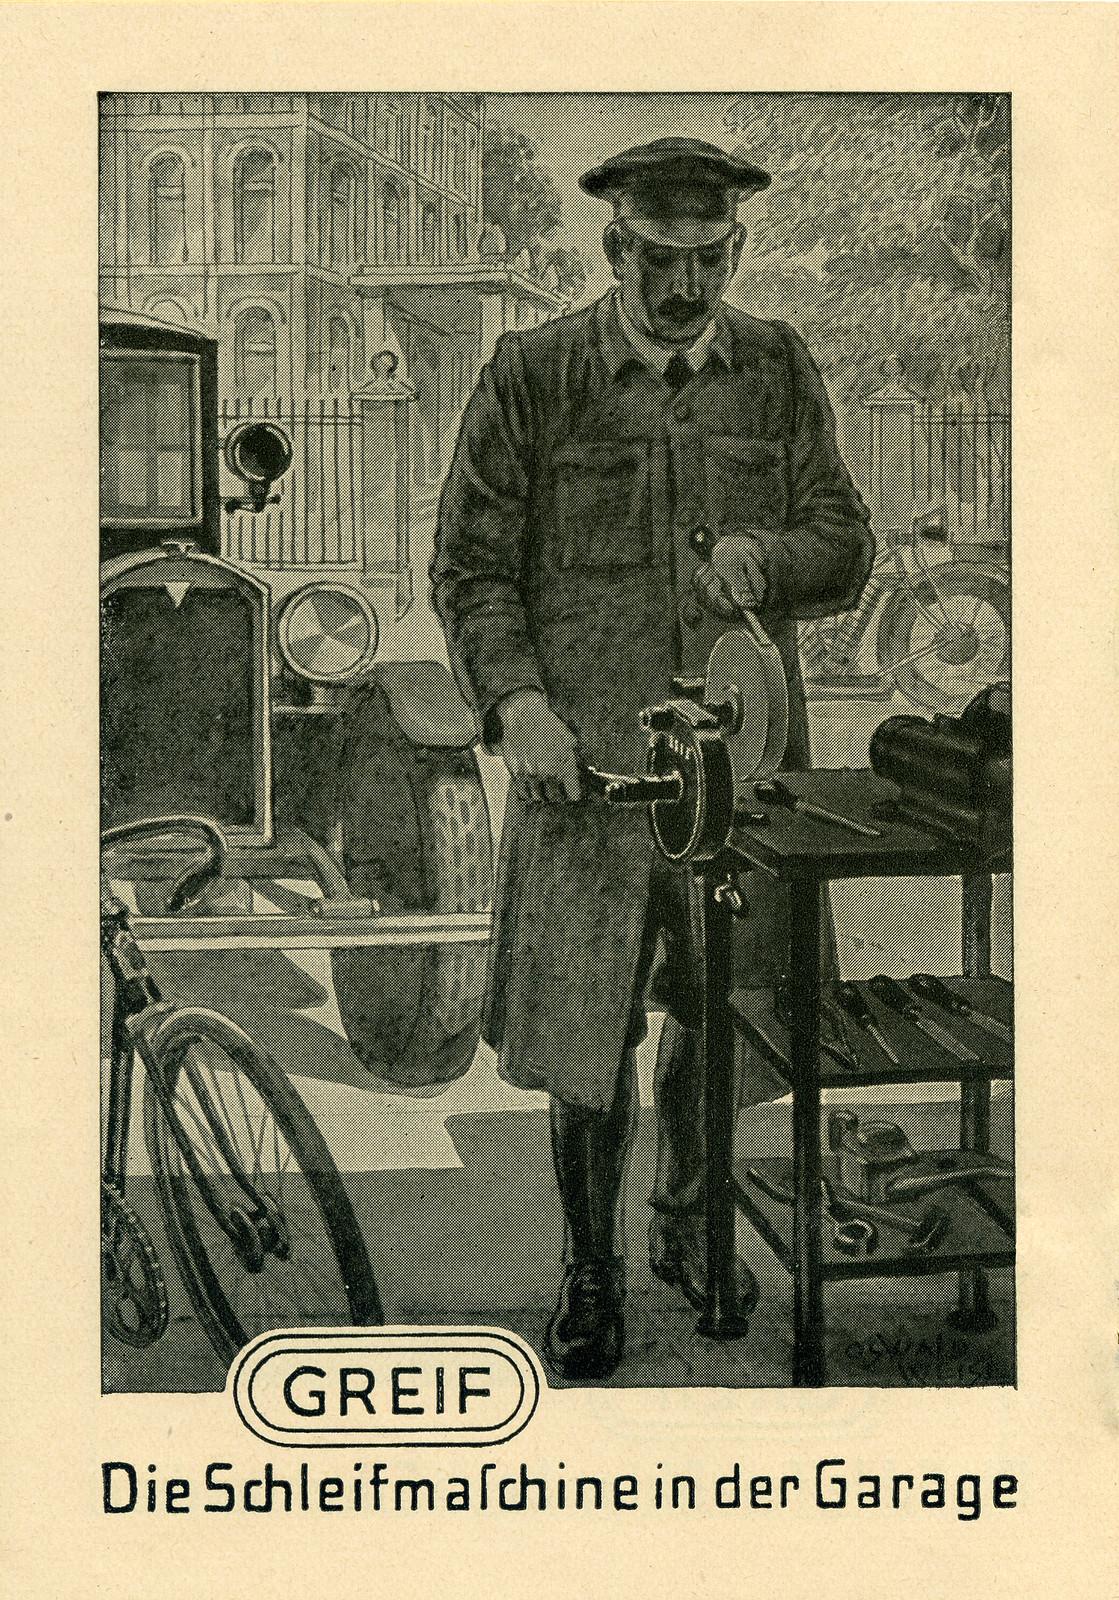 Werbeheftchen für Greif Schleifmaschinen, Bild 7